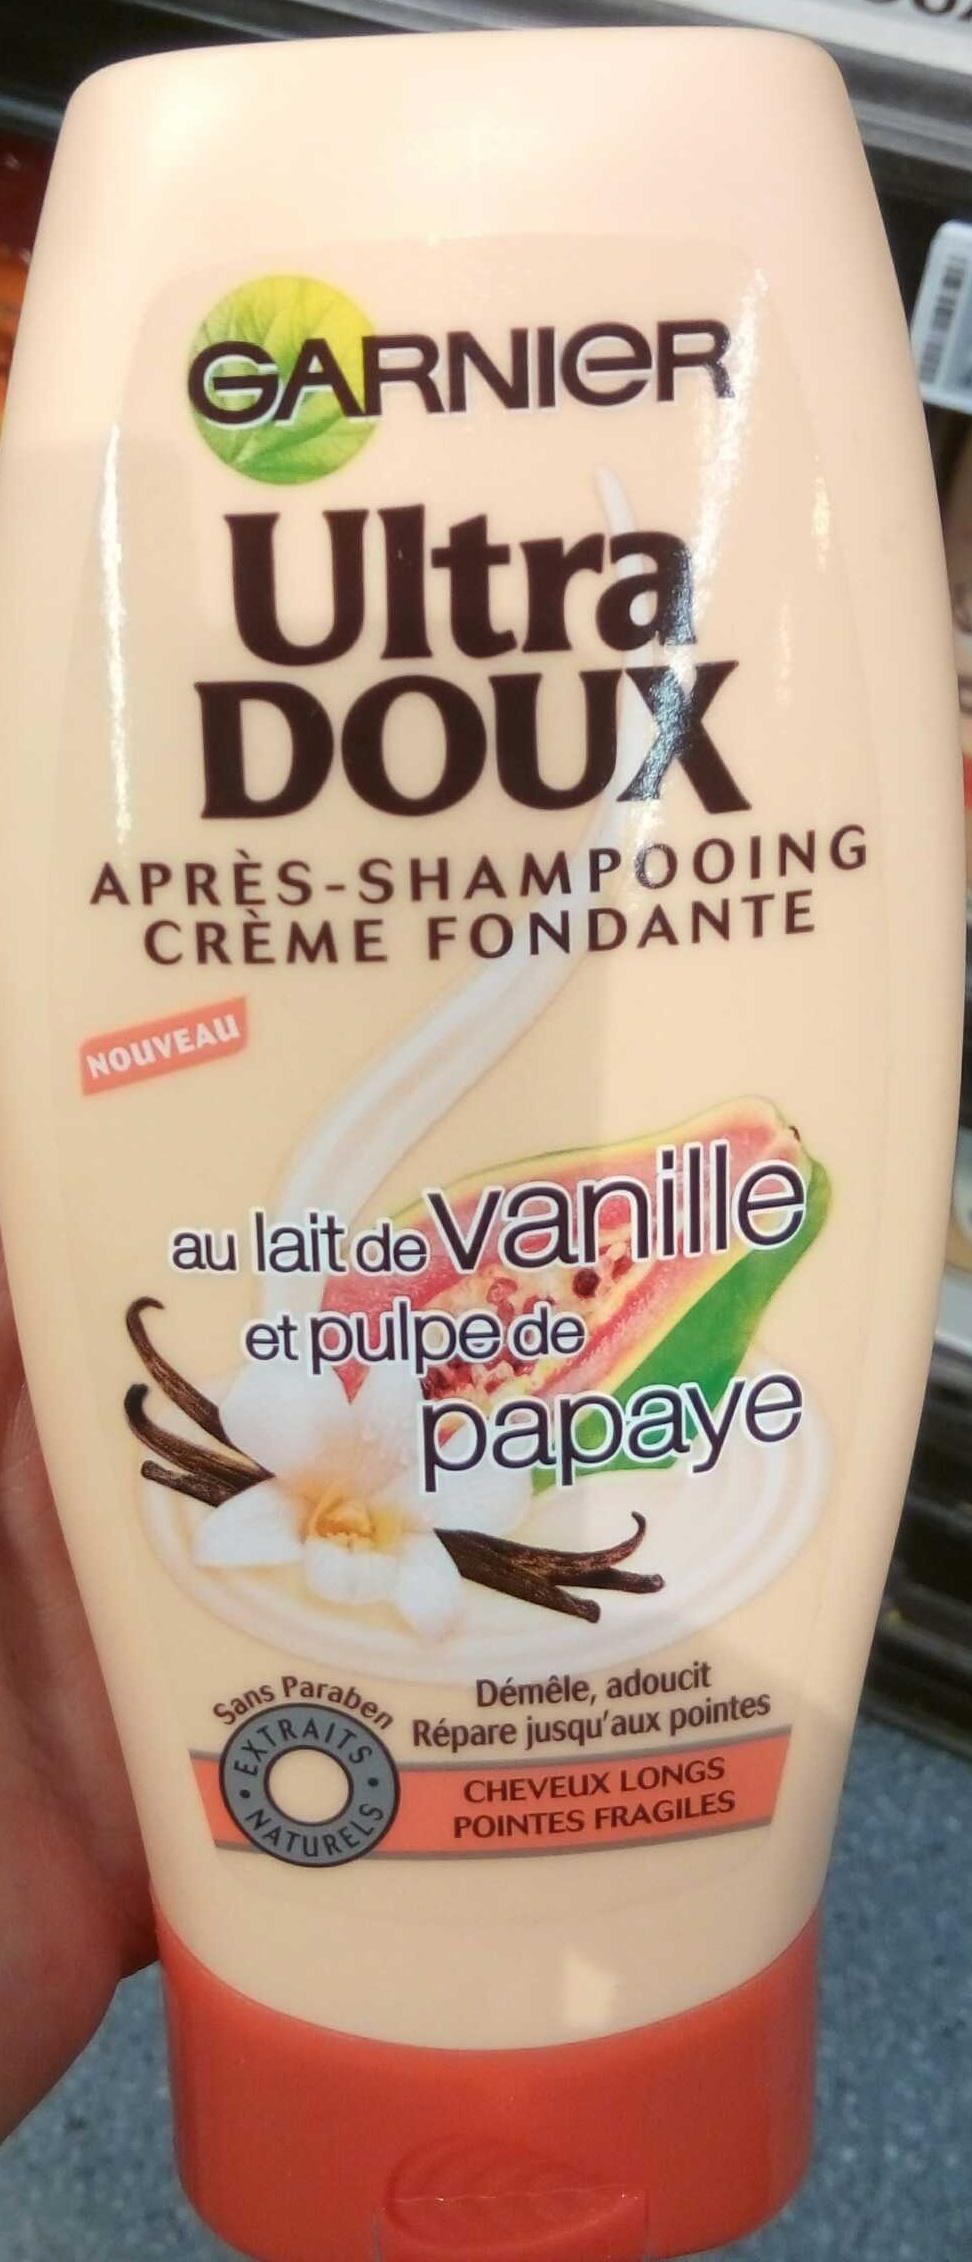 Ultra Doux Après shampooing crème fondante au Lait de vanille et pulpe de papaye - Produkt